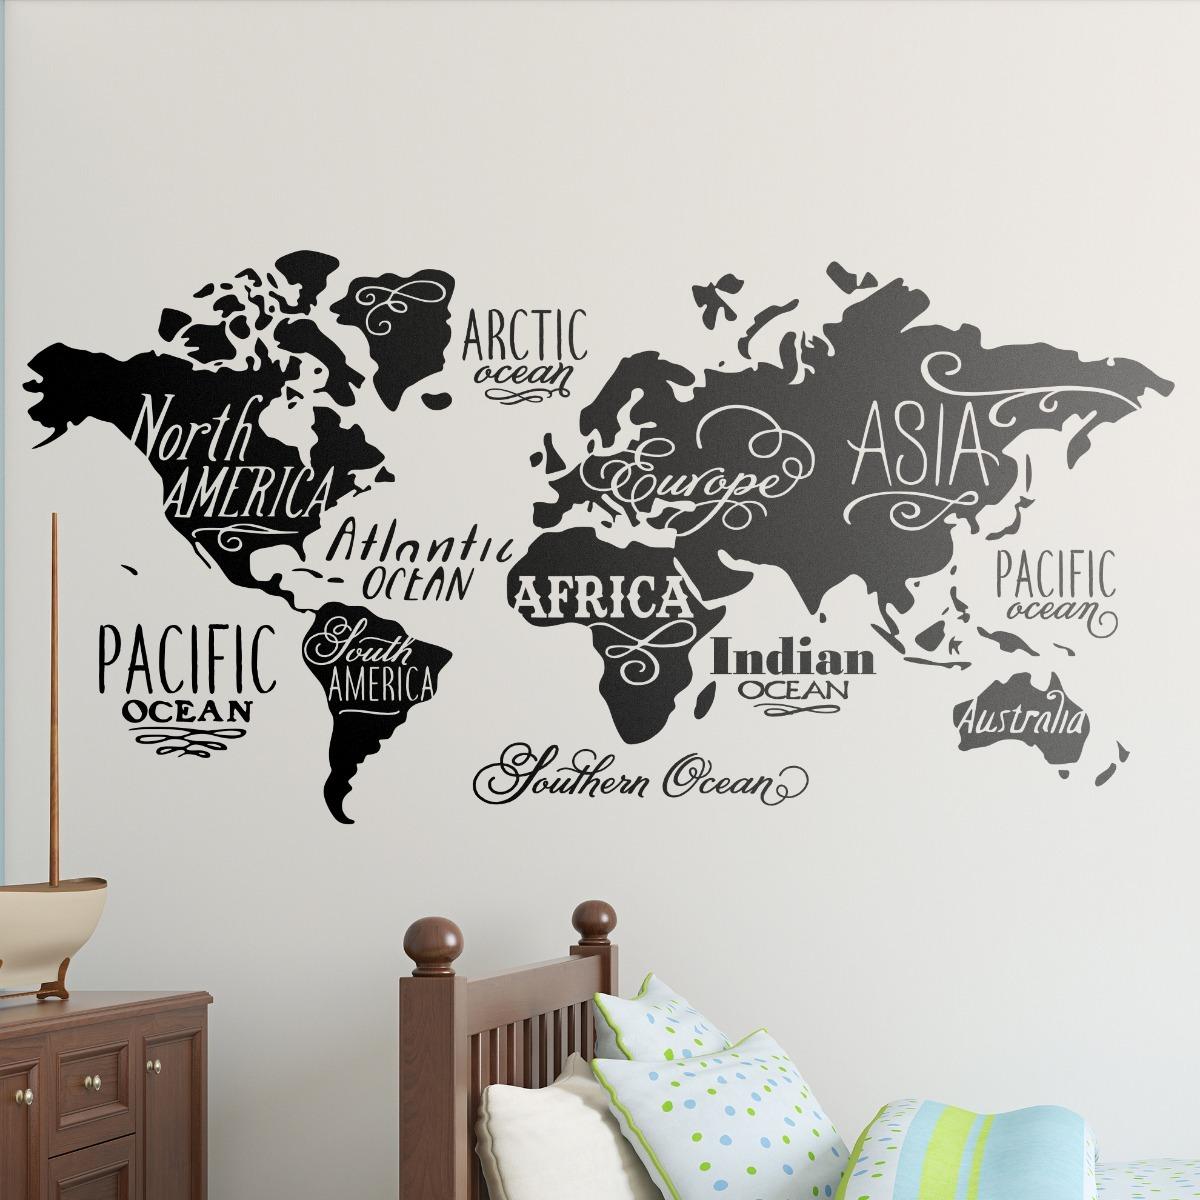 Vinilos decorativos de pared mapa mundo 120cm de largo - Vinilo de pared decorativos ...